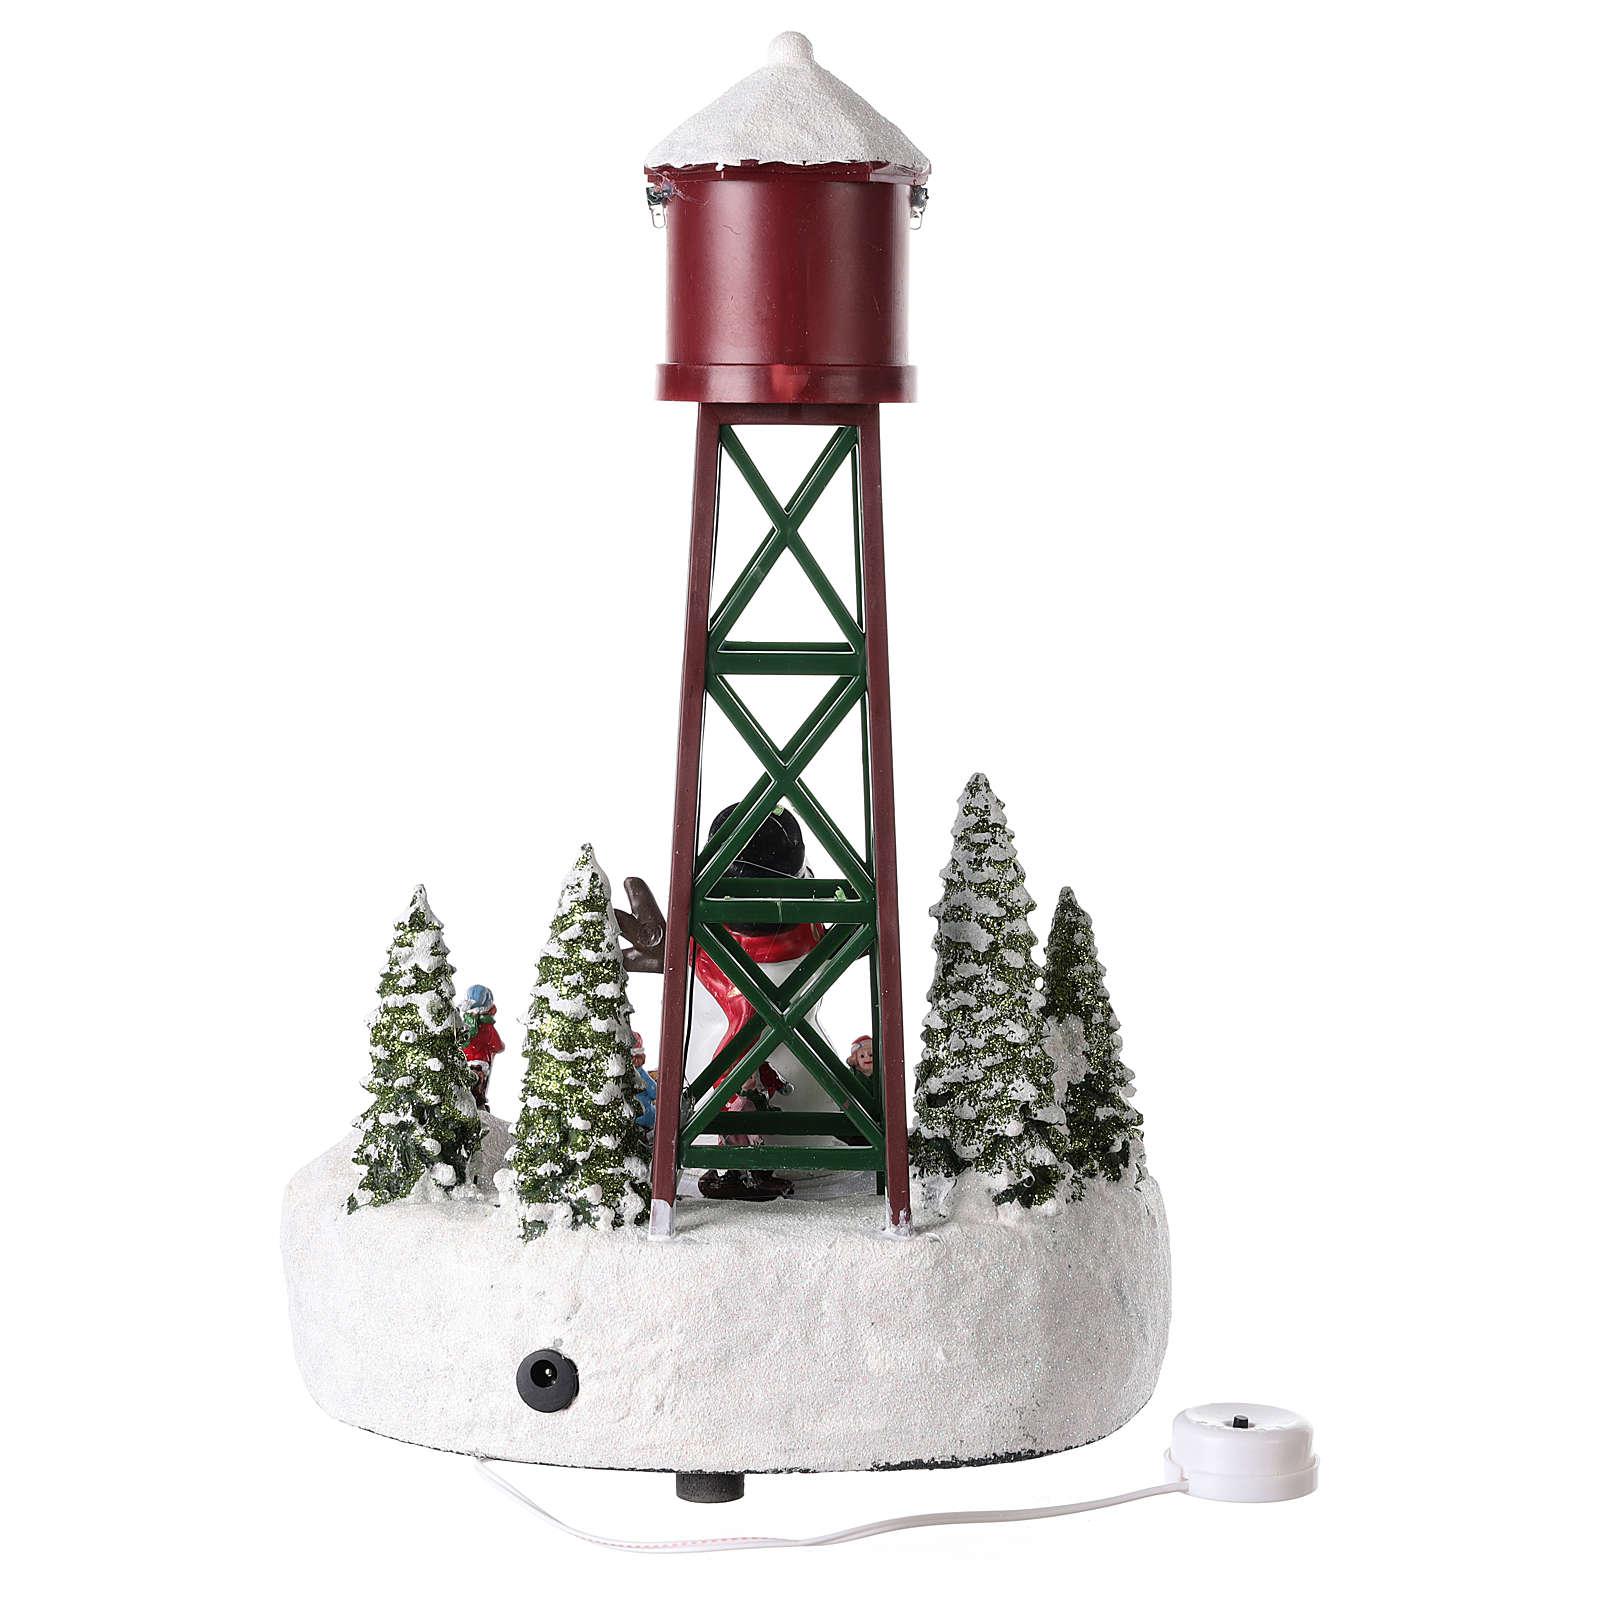 Aqueduc pour village de Noël avec bonhomme de neige 35x20 cm 3